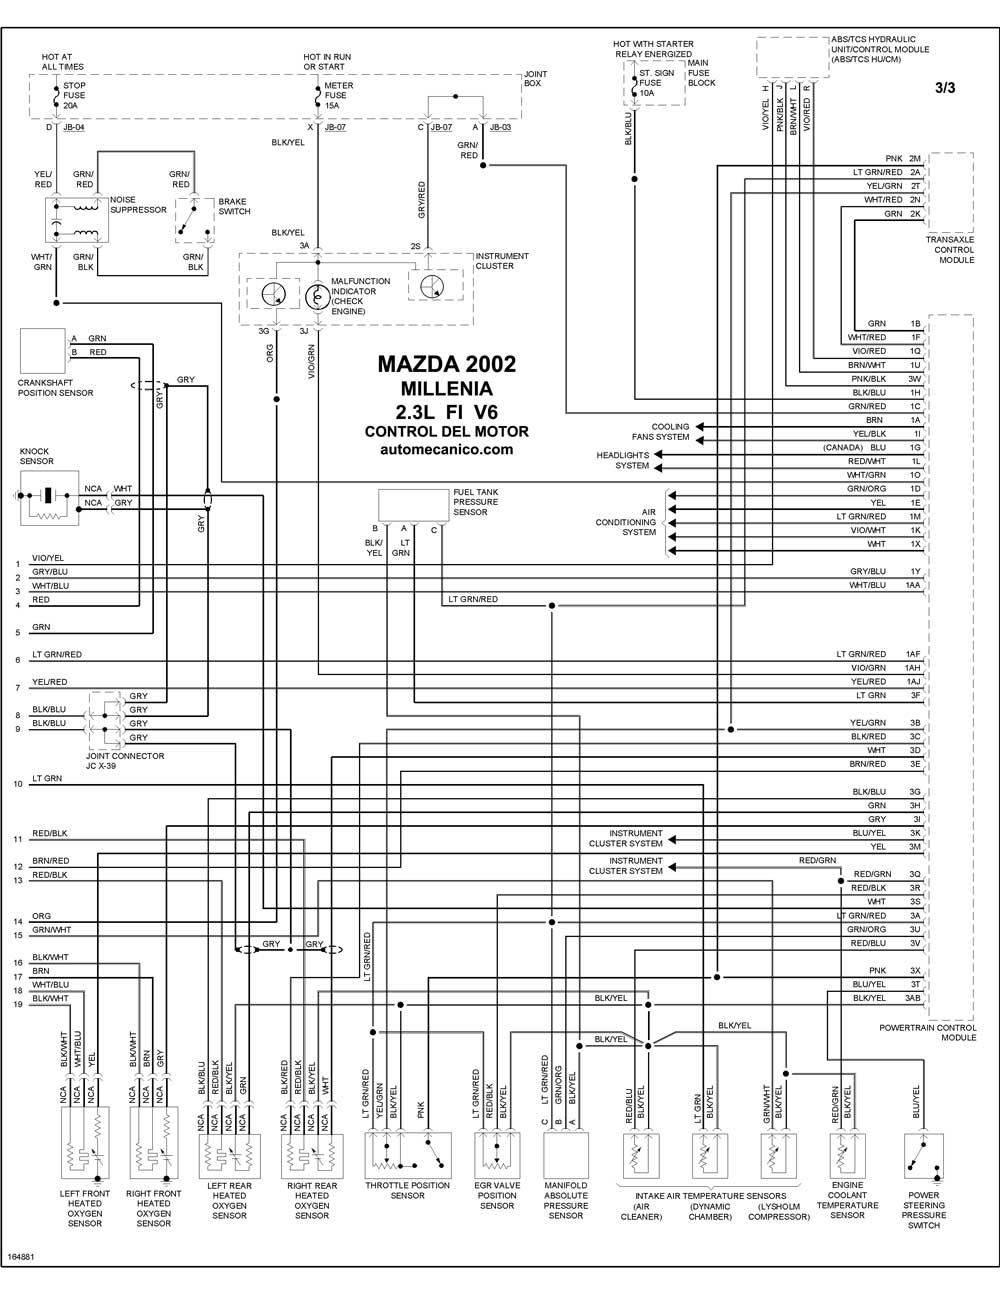 mazda - diagramas control del motor 2002